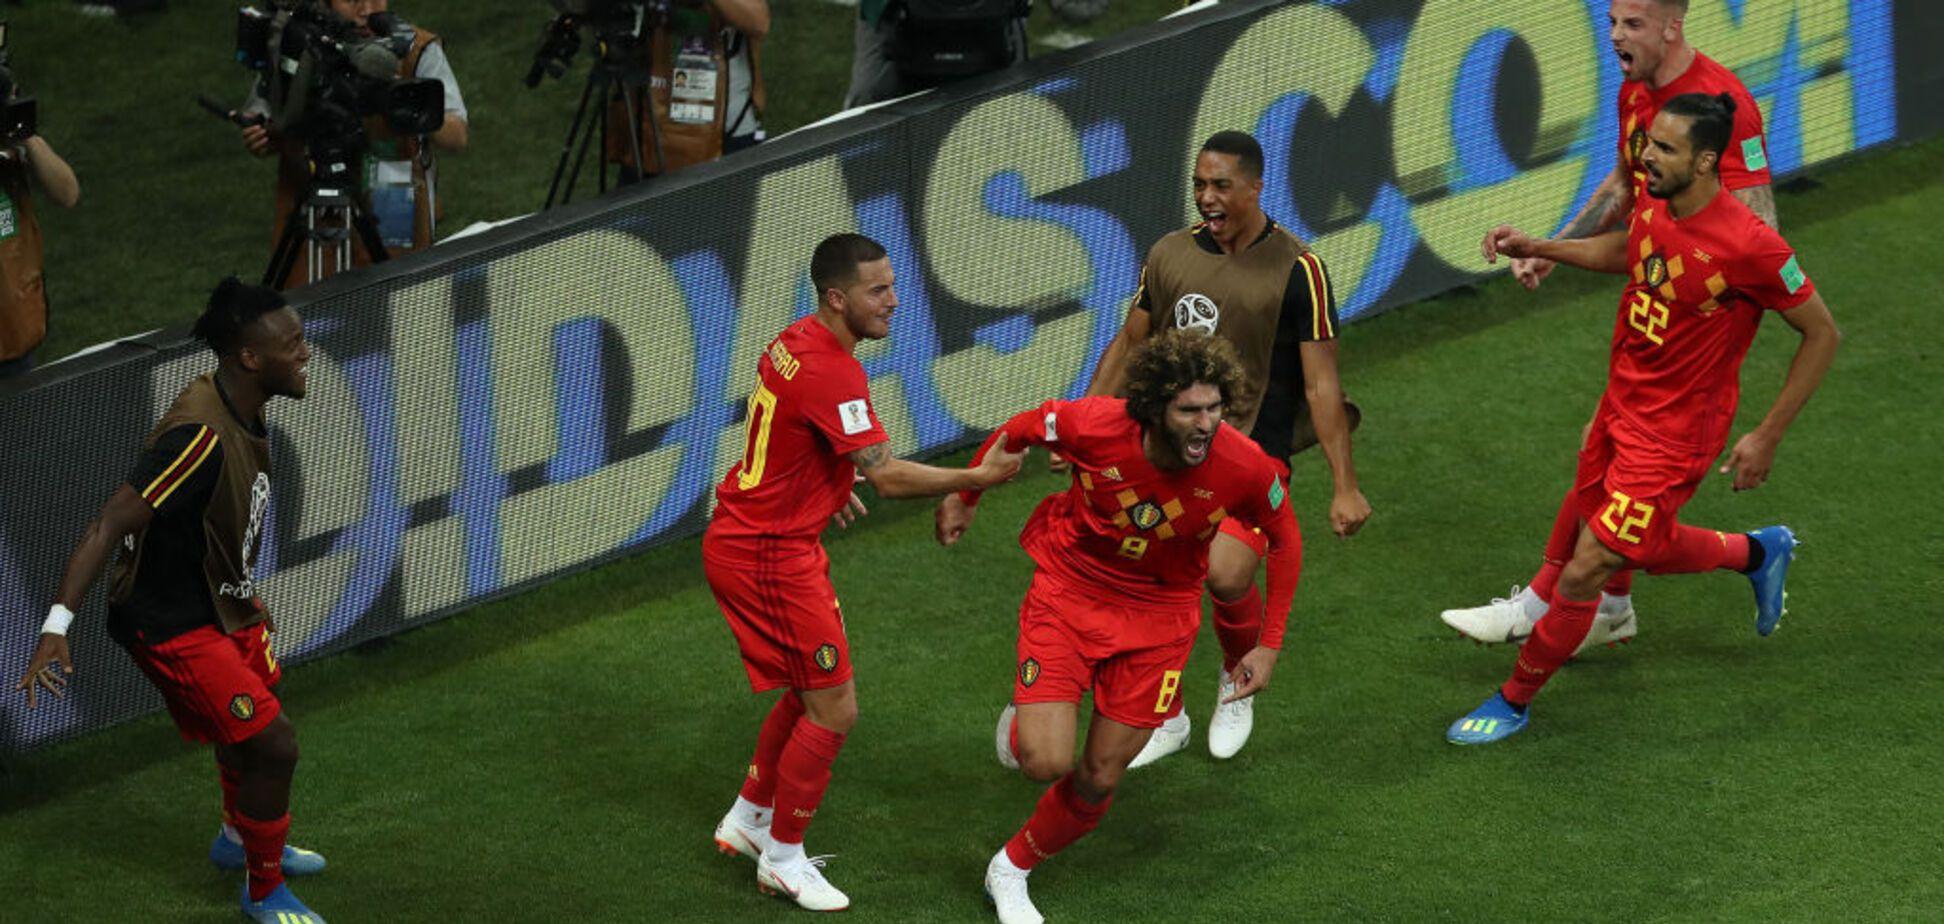 Победа на последних минутах в матче Бельгия - Япония: онлайн-трансляция 1/8 финала ЧМ-2018